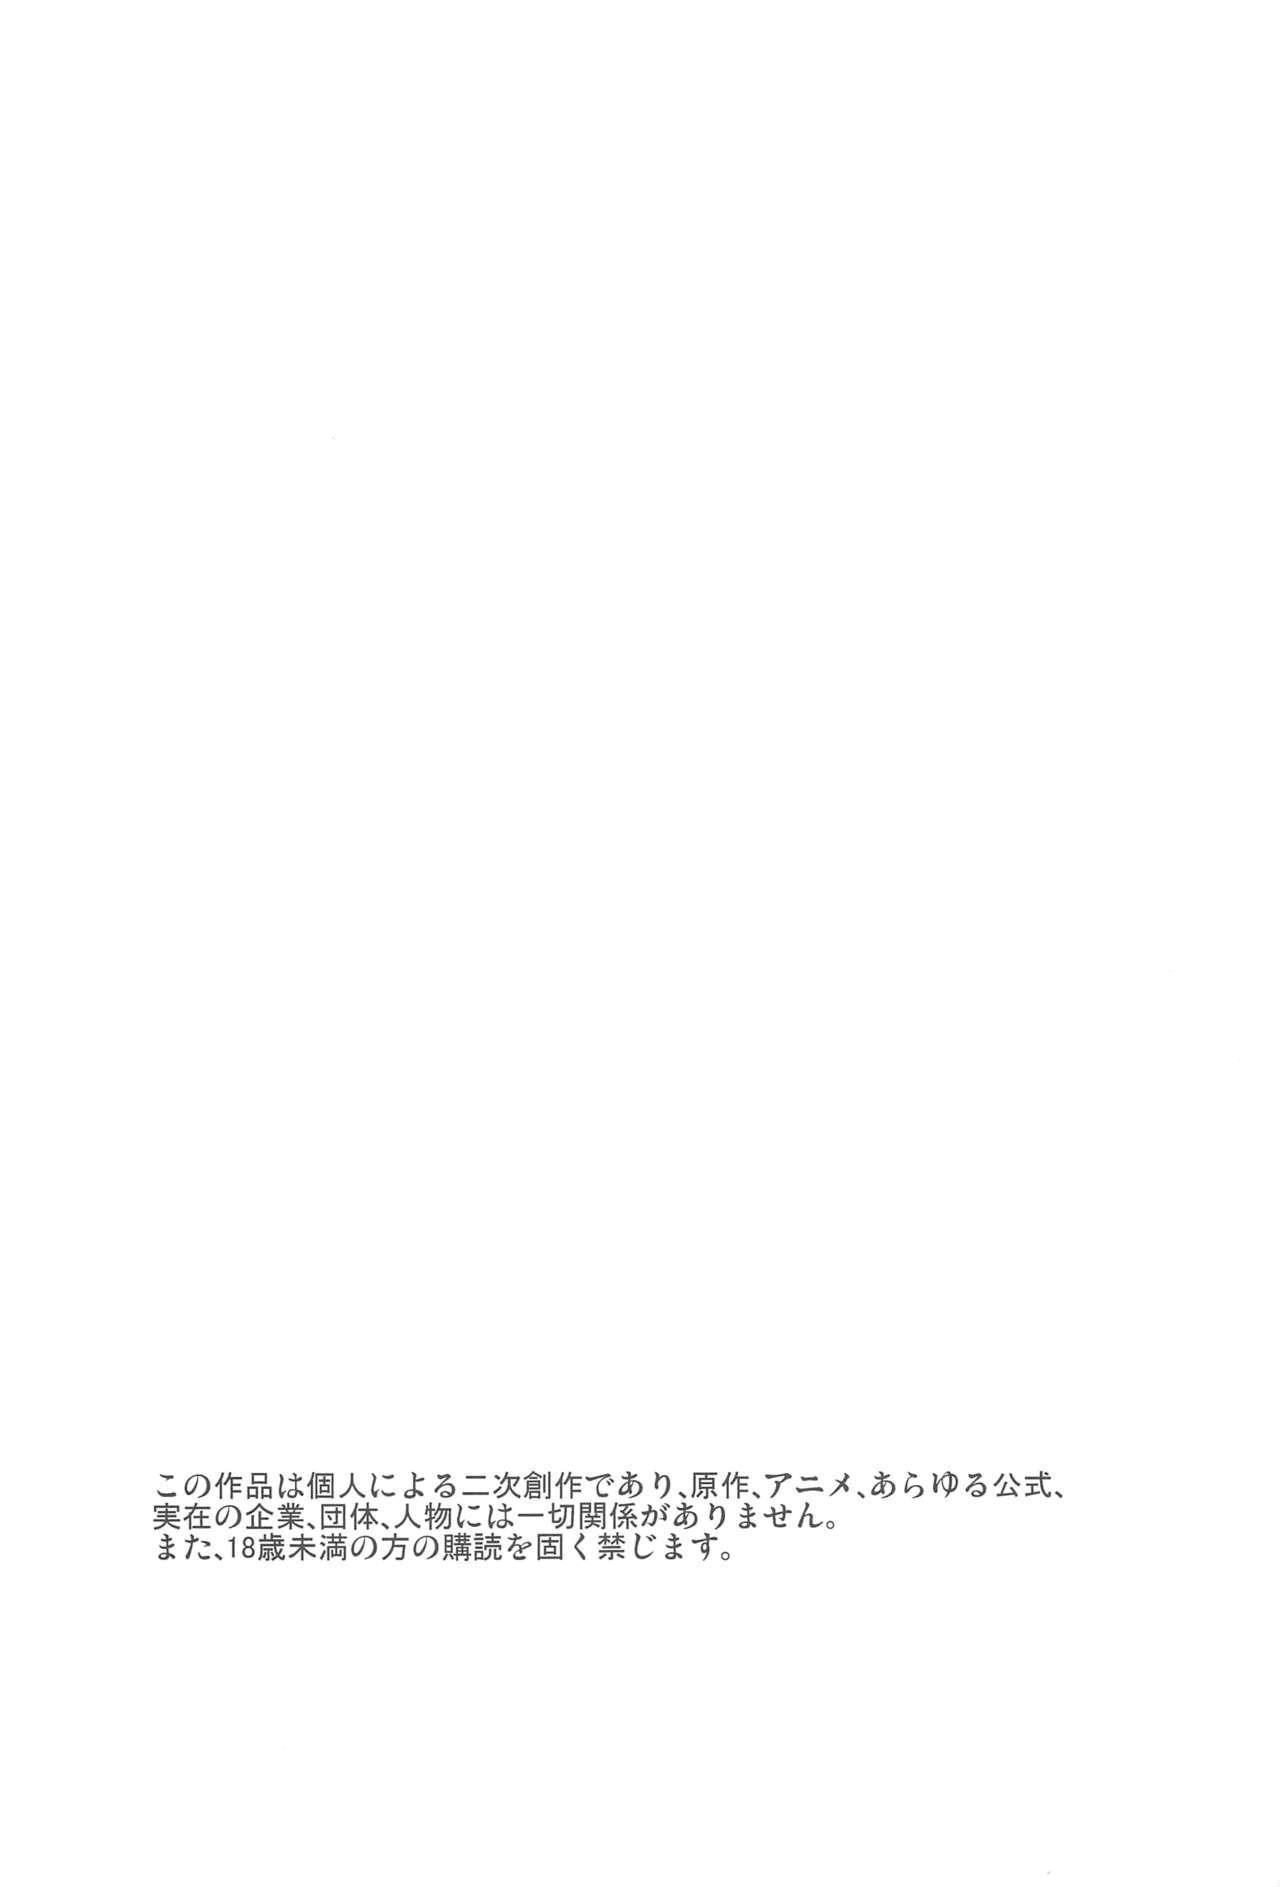 Moyai no Akari 1